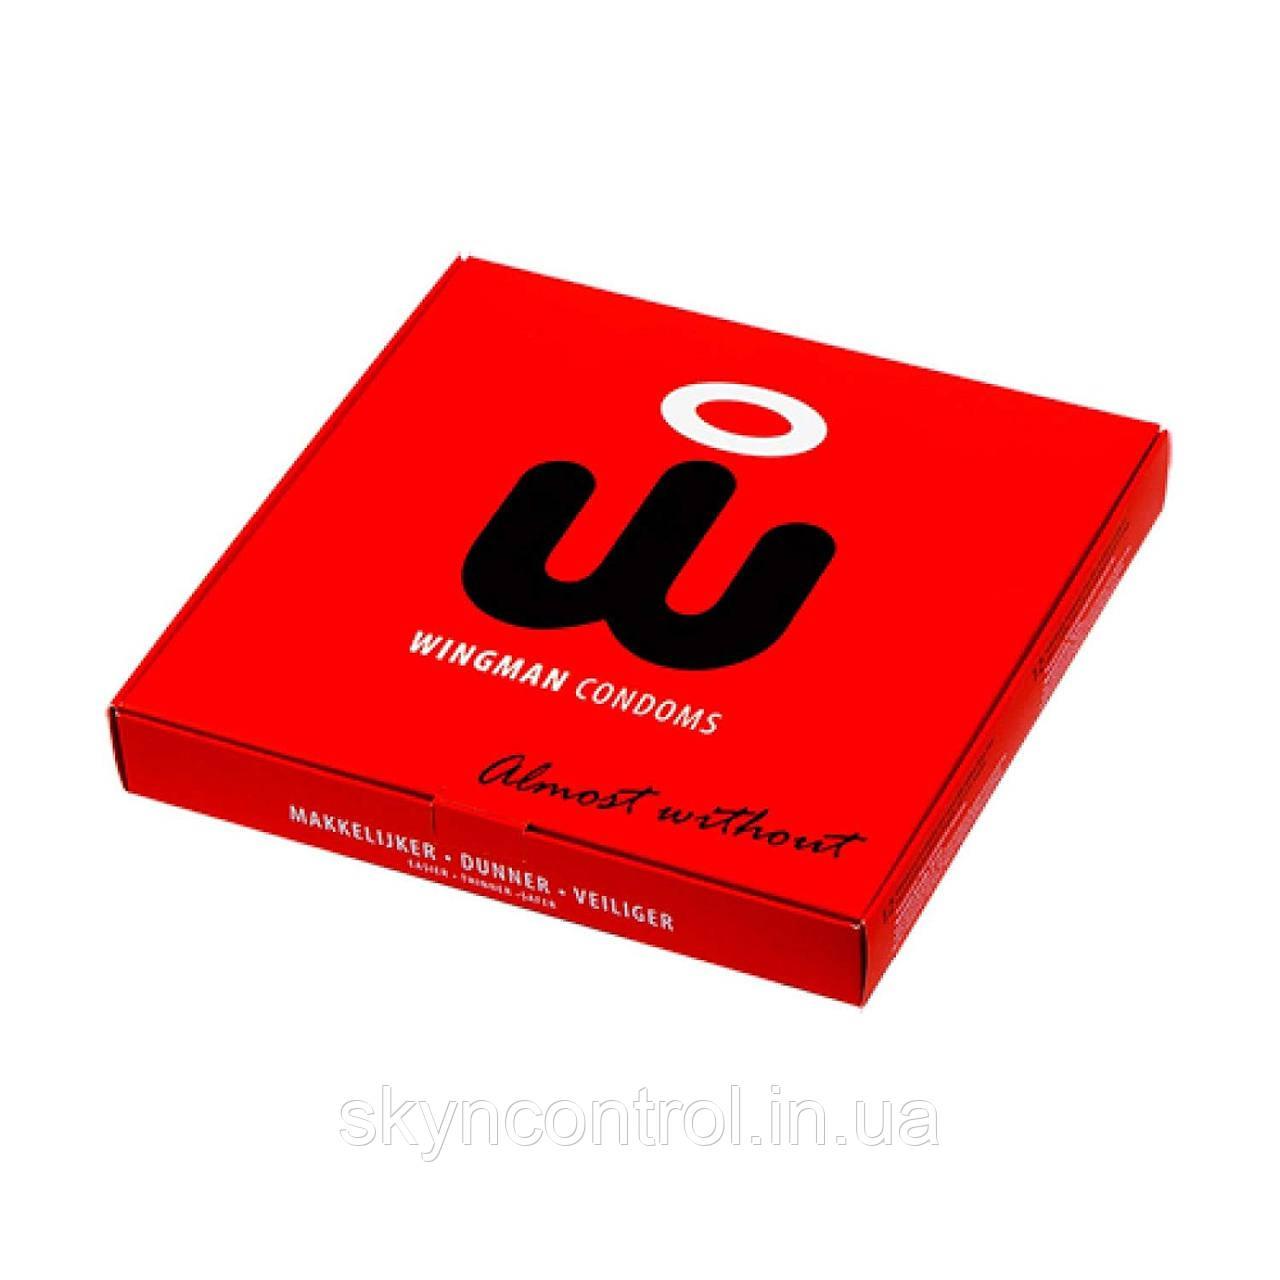 Презервативы Wingman Condoms